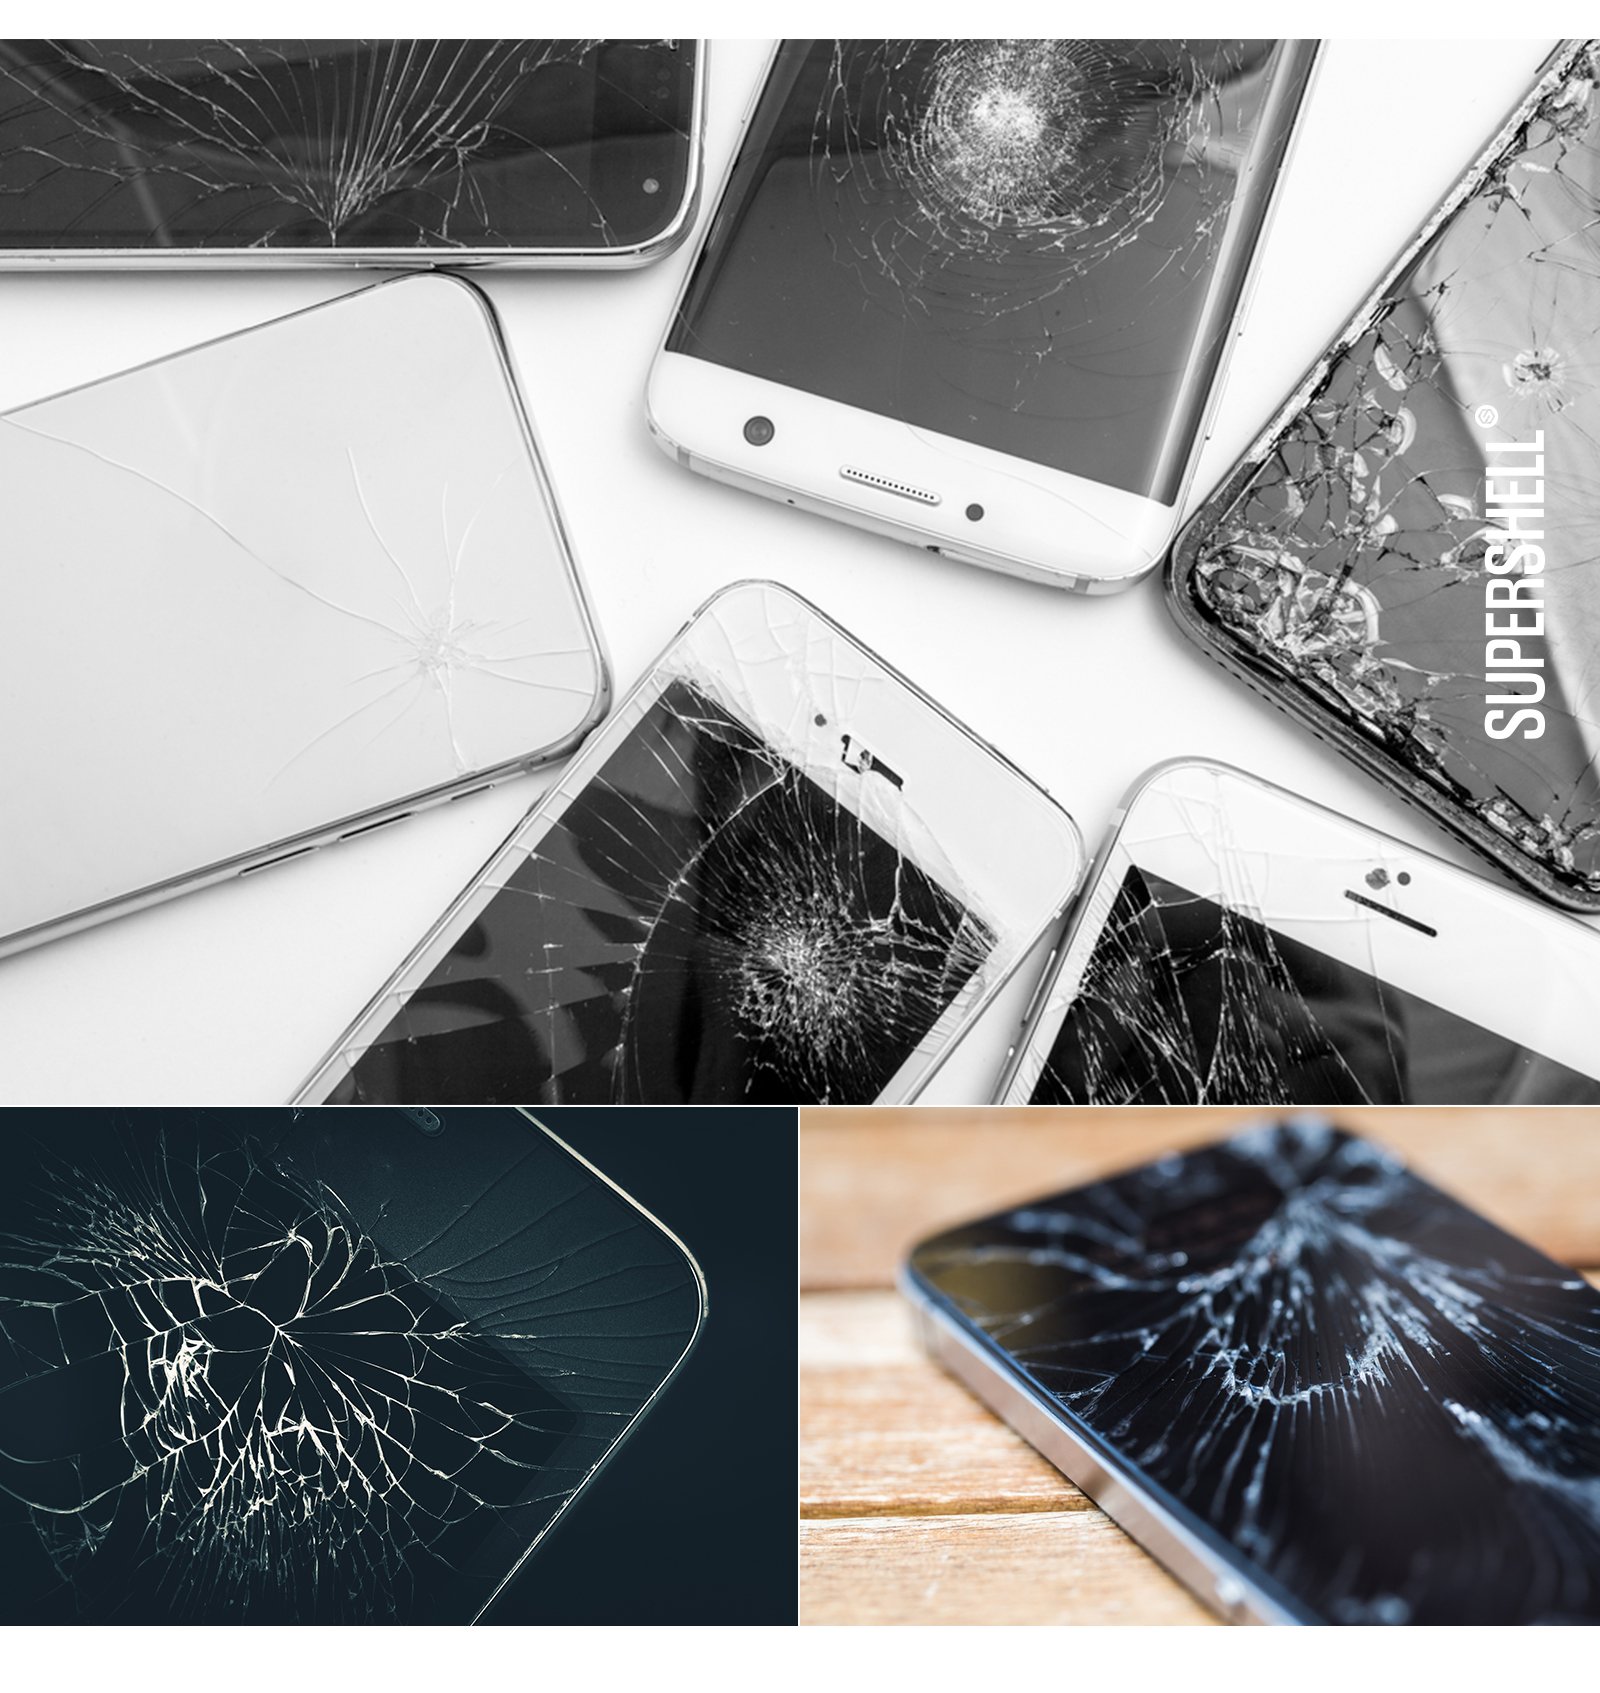 아이폰12/12프로 케이스 360도풀커버글라스프로맥스22,900원-슈퍼쉘디지털, 기타 스마트폰/태블릿, 케이스, 기타 스마트폰바보사랑아이폰12/12프로 케이스 360도풀커버글라스프로맥스22,900원-슈퍼쉘디지털, 기타 스마트폰/태블릿, 케이스, 기타 스마트폰바보사랑